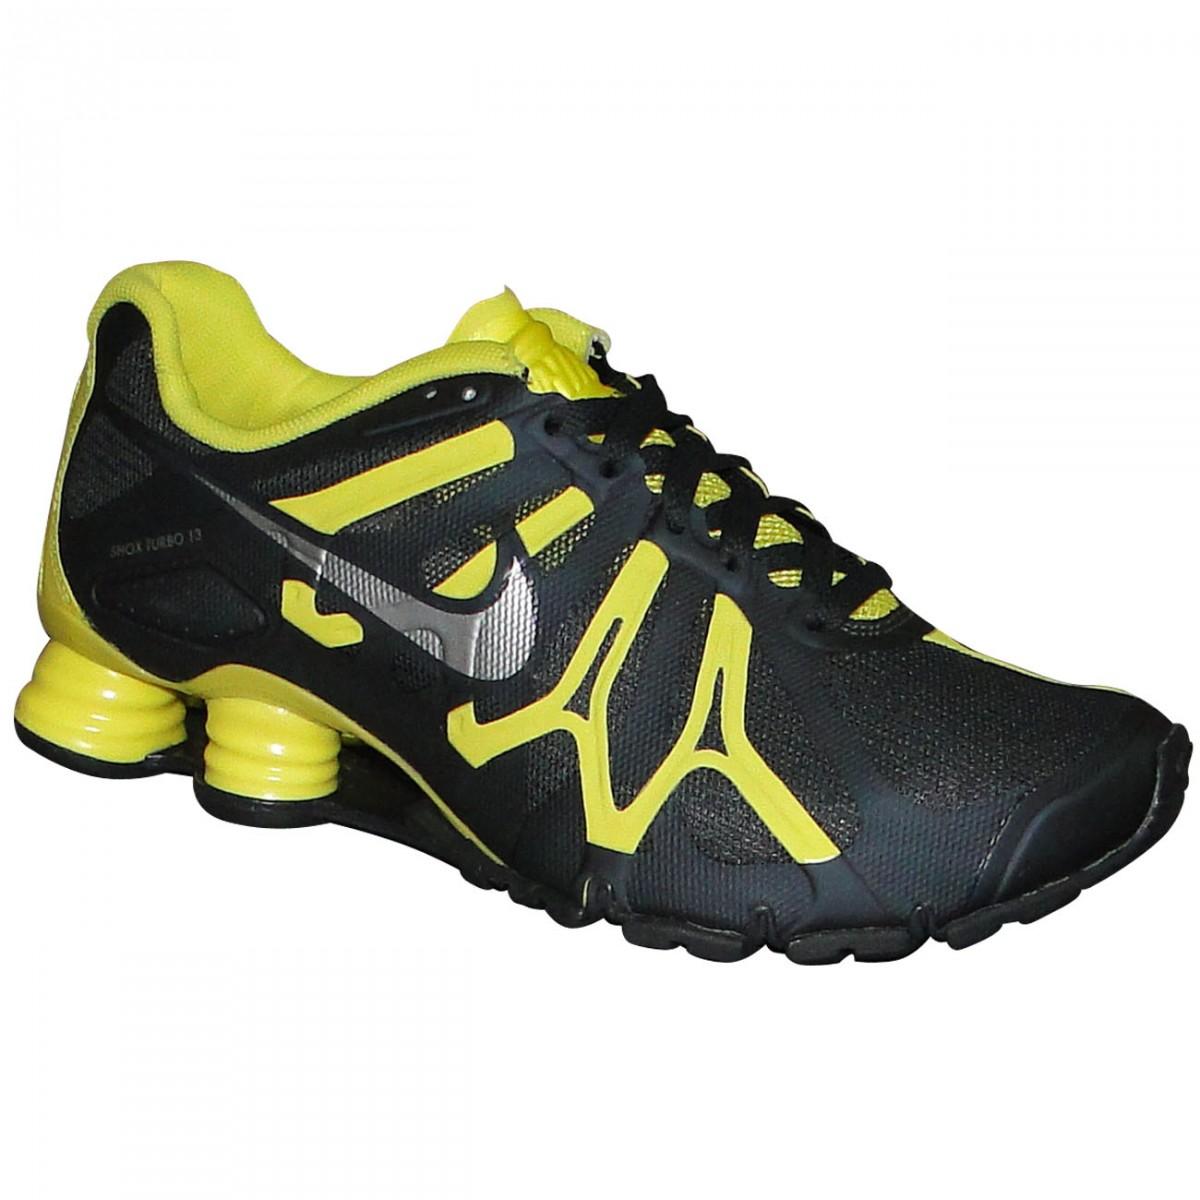 wholesale dealer ee21f 56c8b ... Tenis Nike Shox Turbo + 13. ZOOM